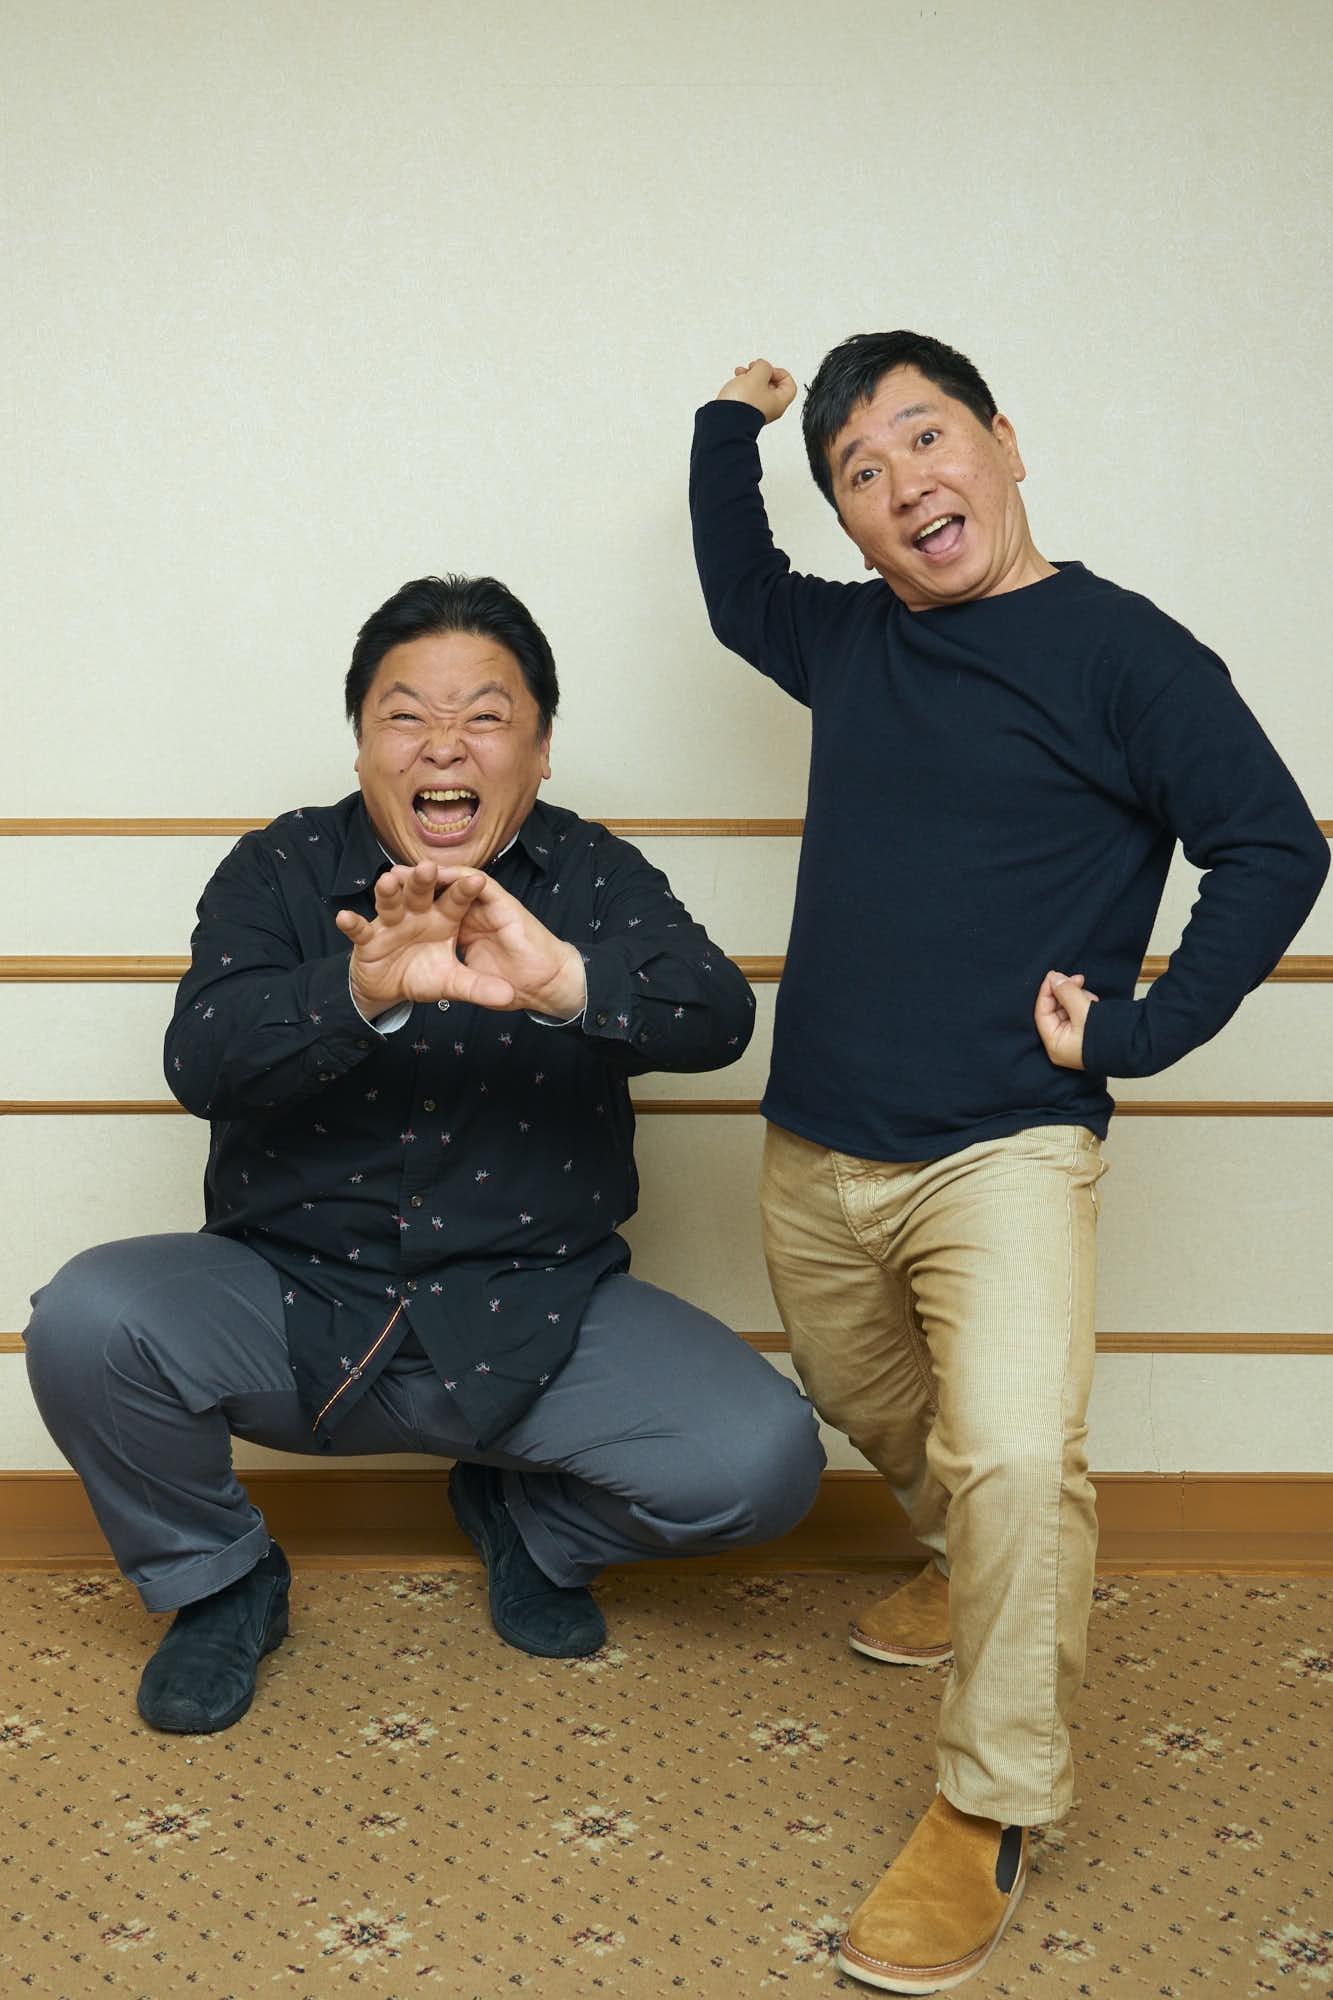 貴田茂和 shigekazukida キダシゲカズ